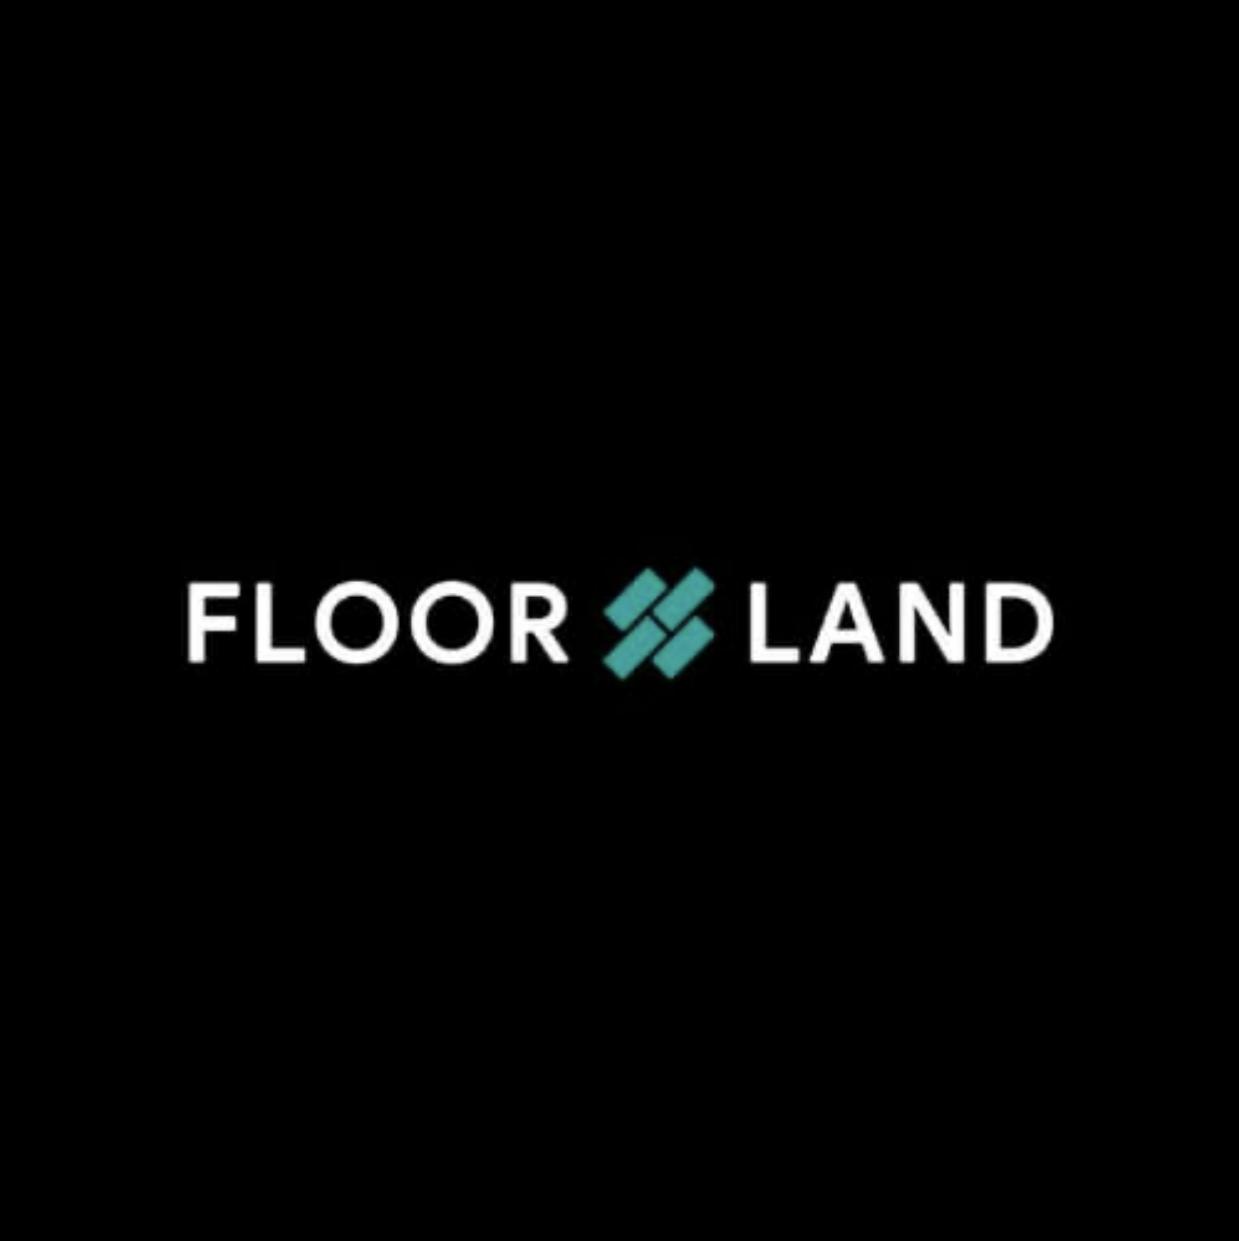 FLOOR LAND